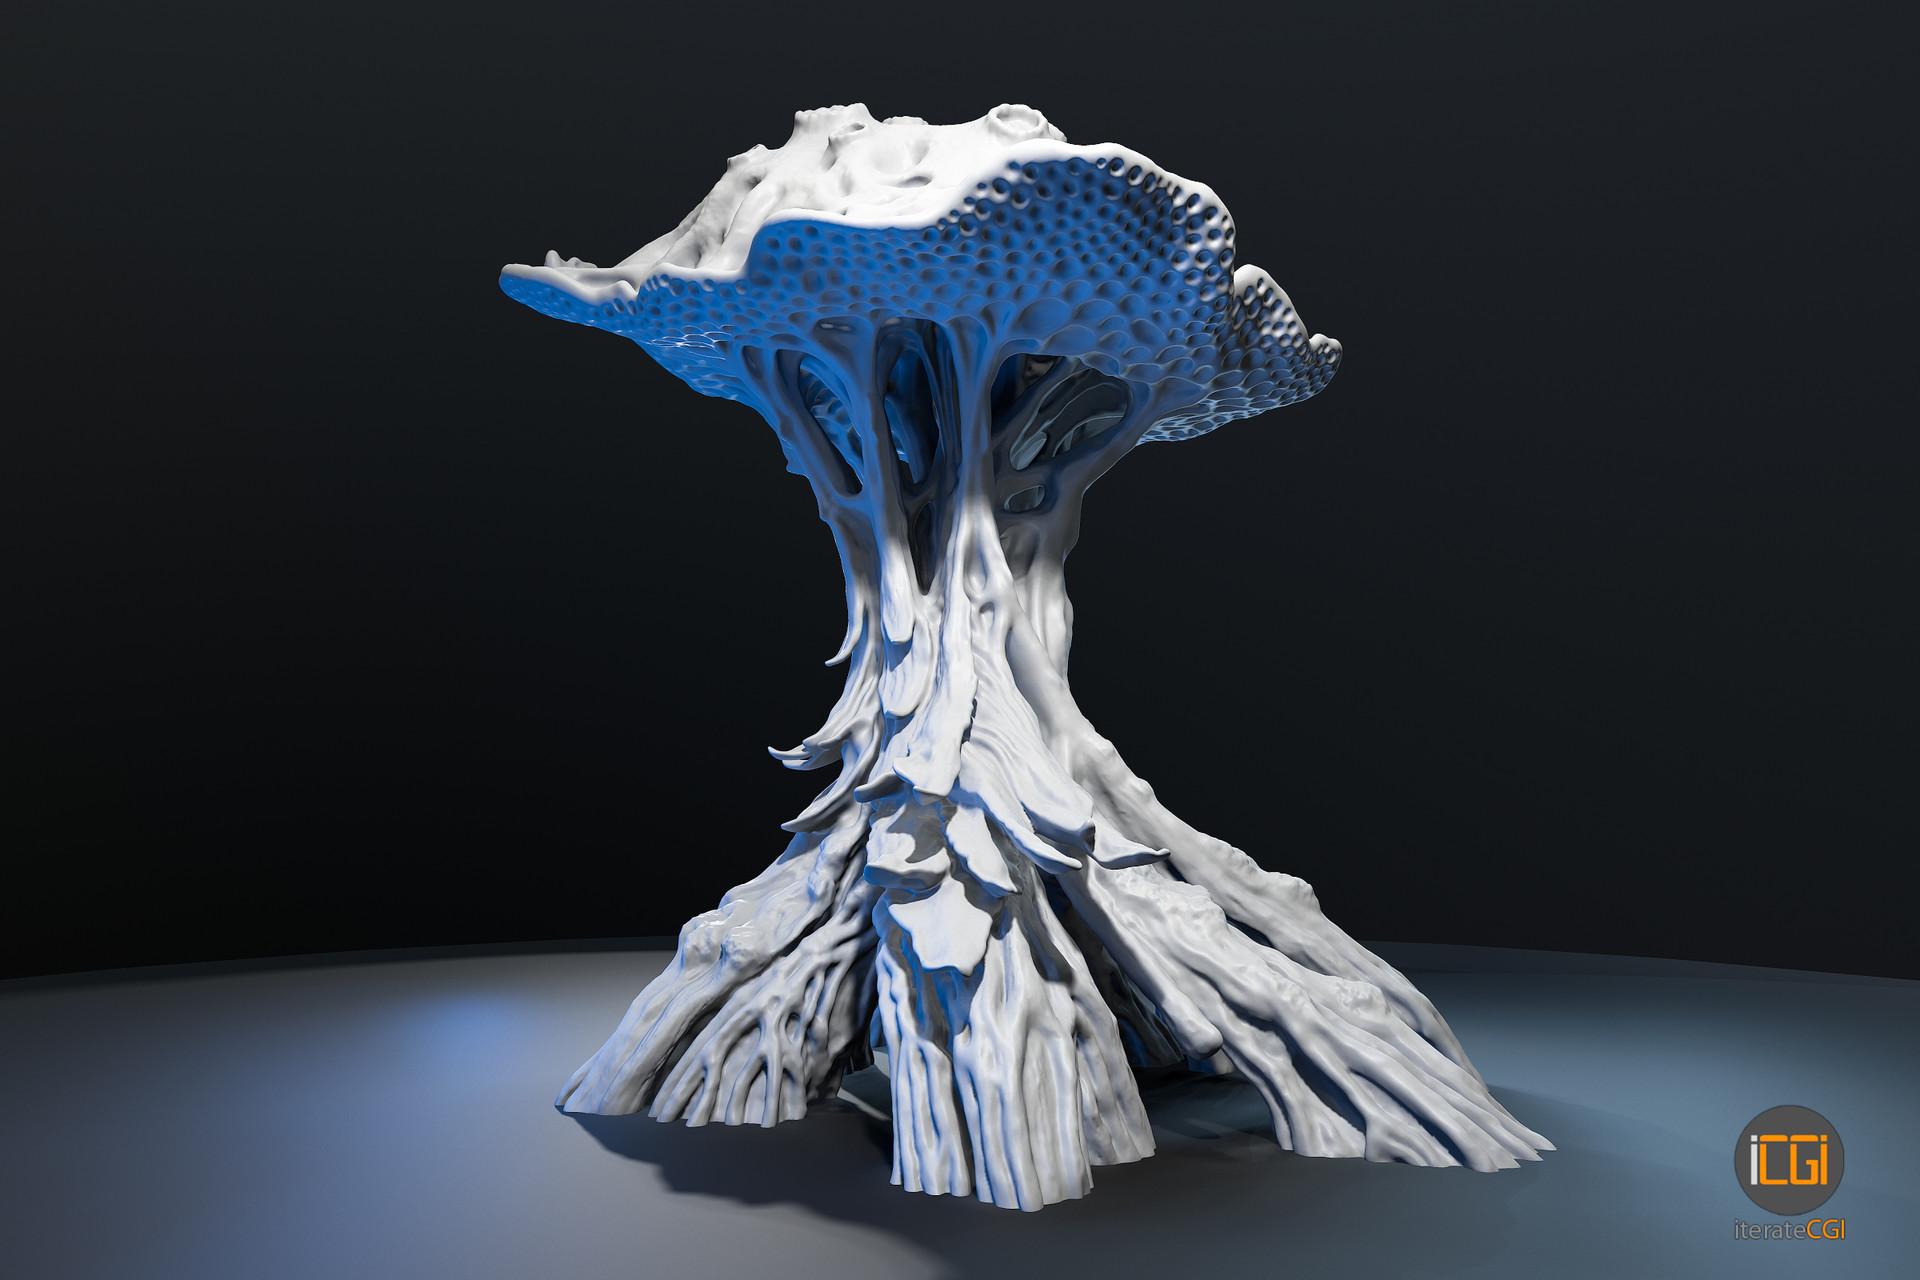 Johan de leenheer alien plant mushroom 9